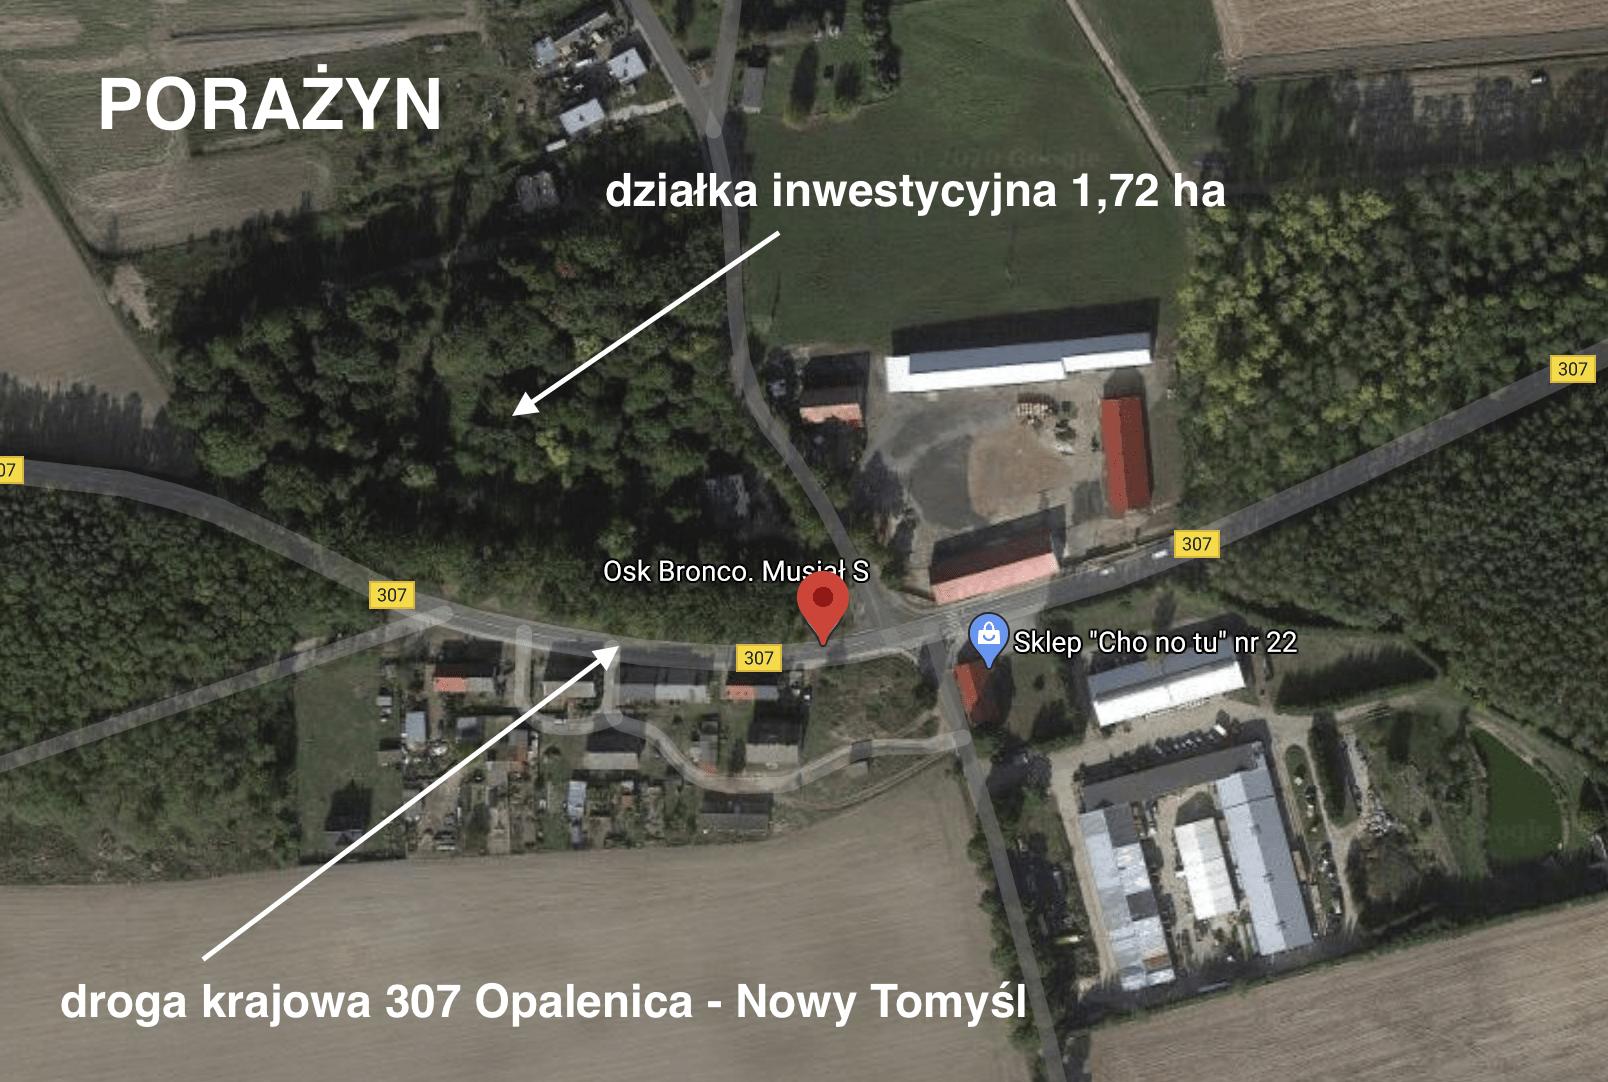 Atrakcyjny grunt inwestycyjny 1,72 ha Opalenica – Porażyn